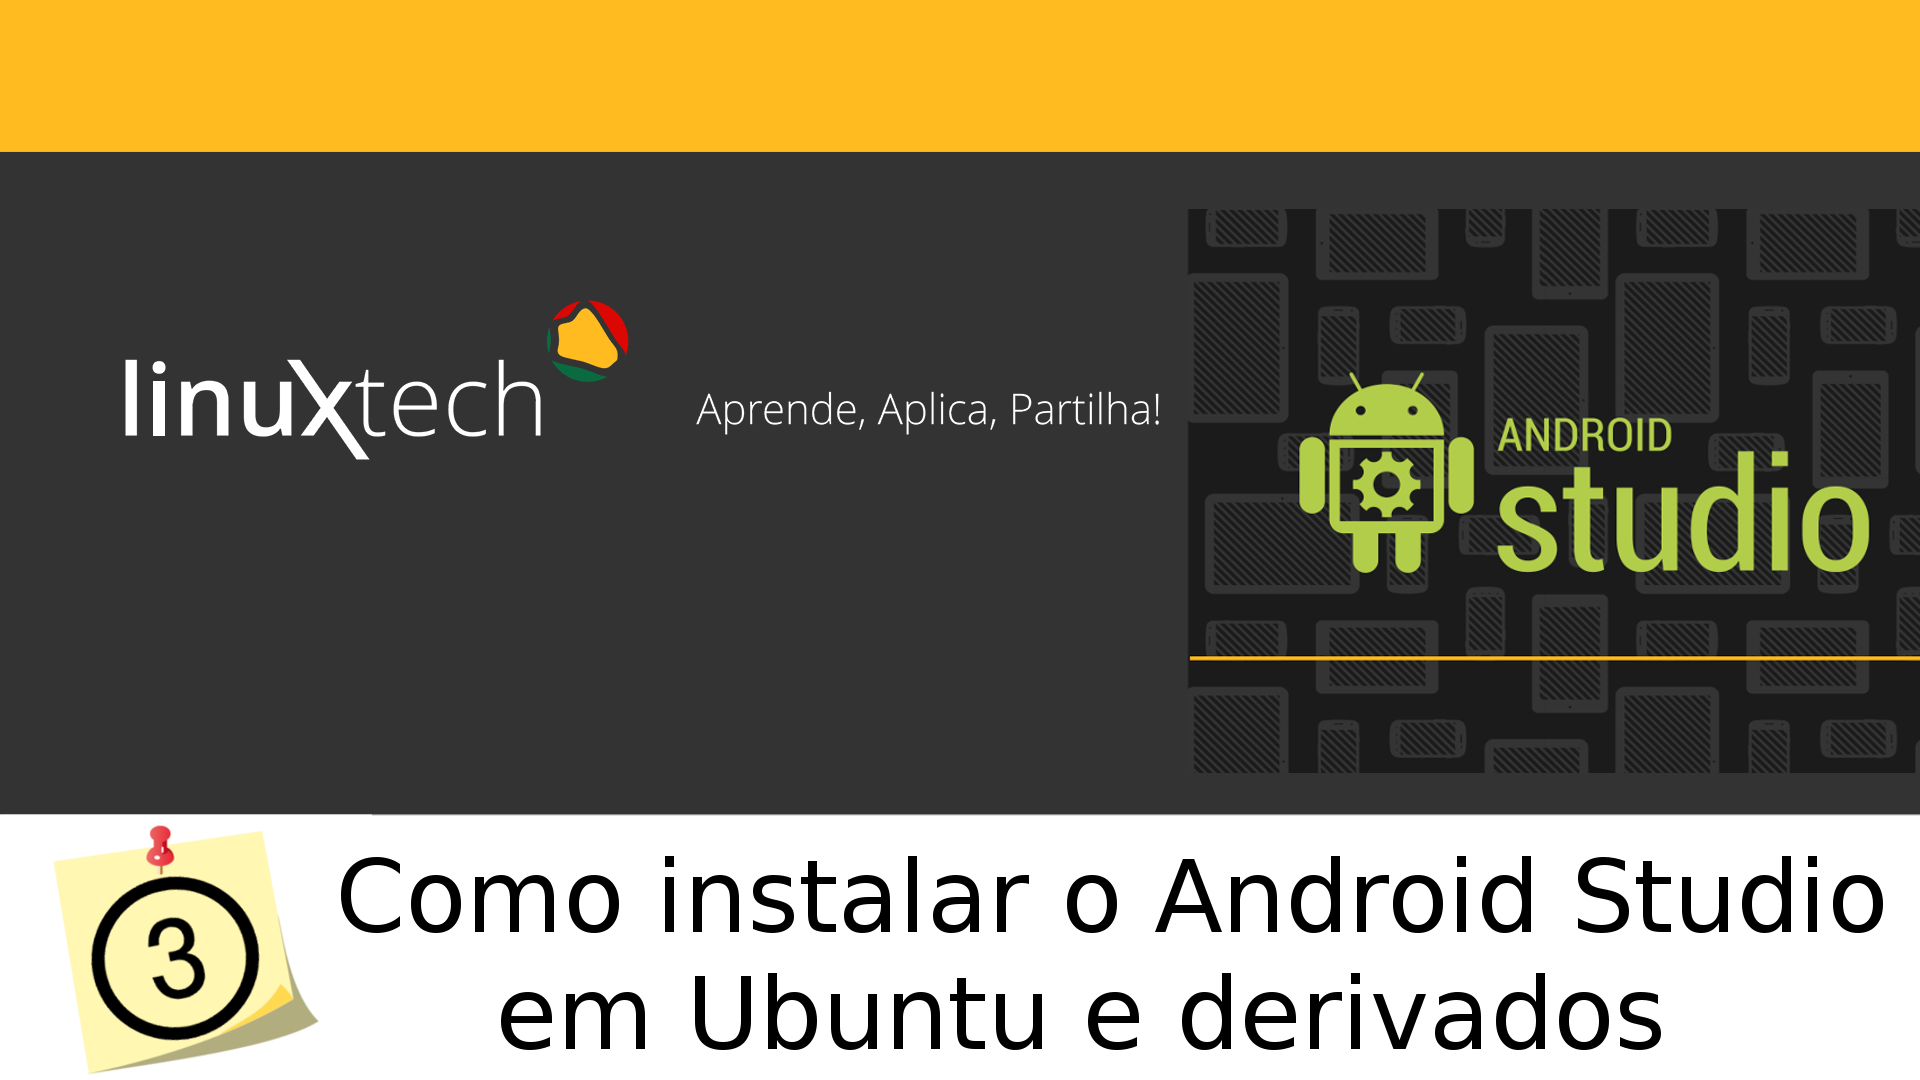 [Tutorial] #3 Como instalar Android Studio em Ubuntu e derivados